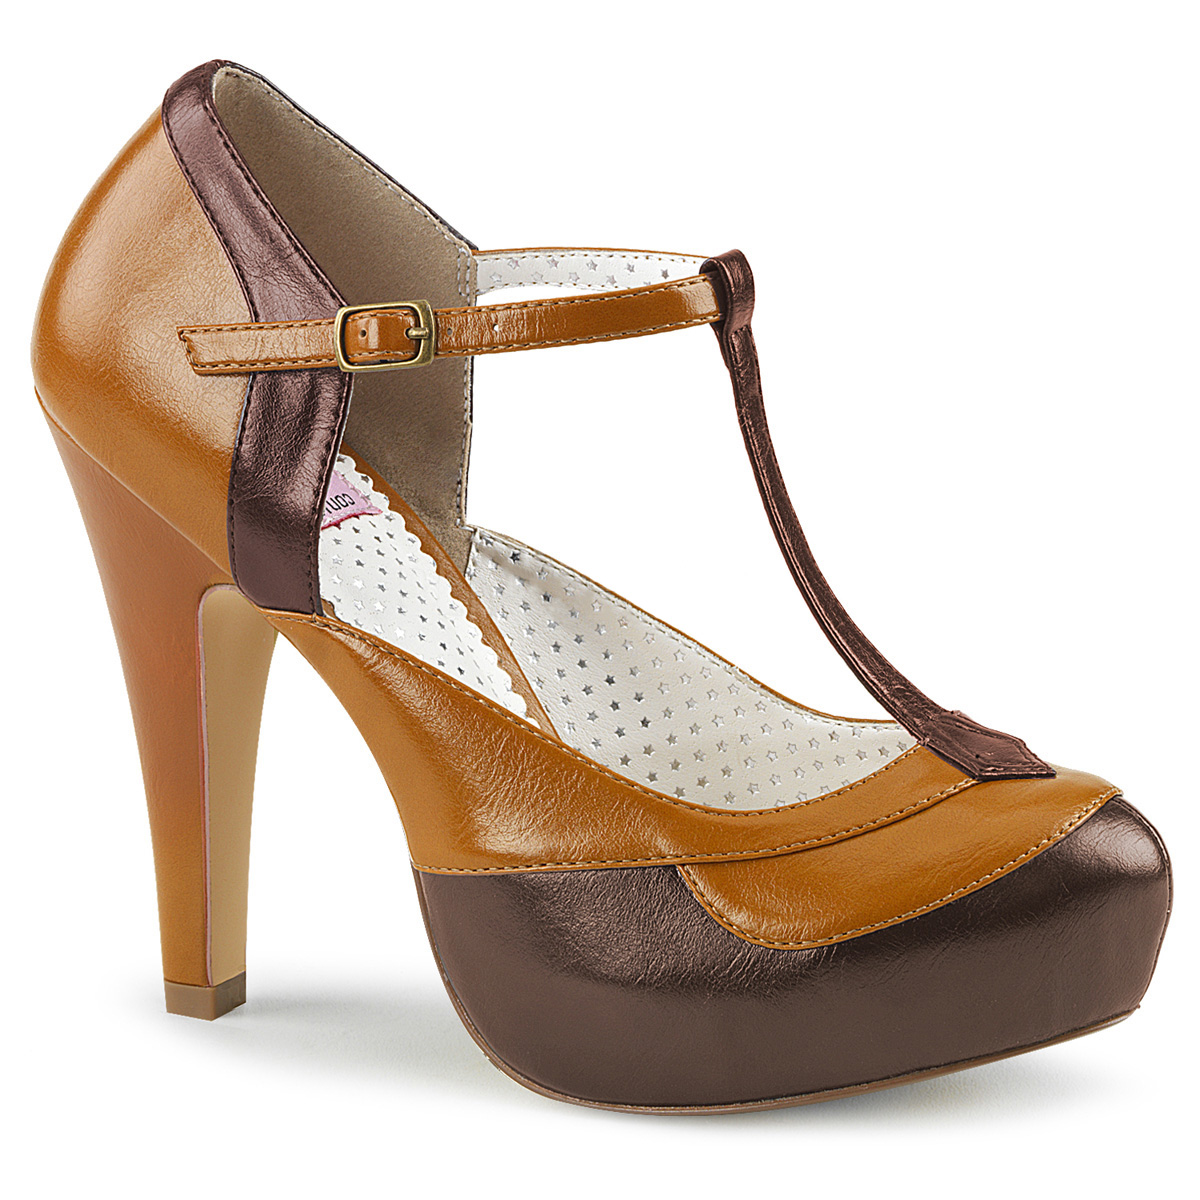 buy popular 54c5e 3e333 Retro Pumps BETTIE-29 - Brown, Pin Up Couture